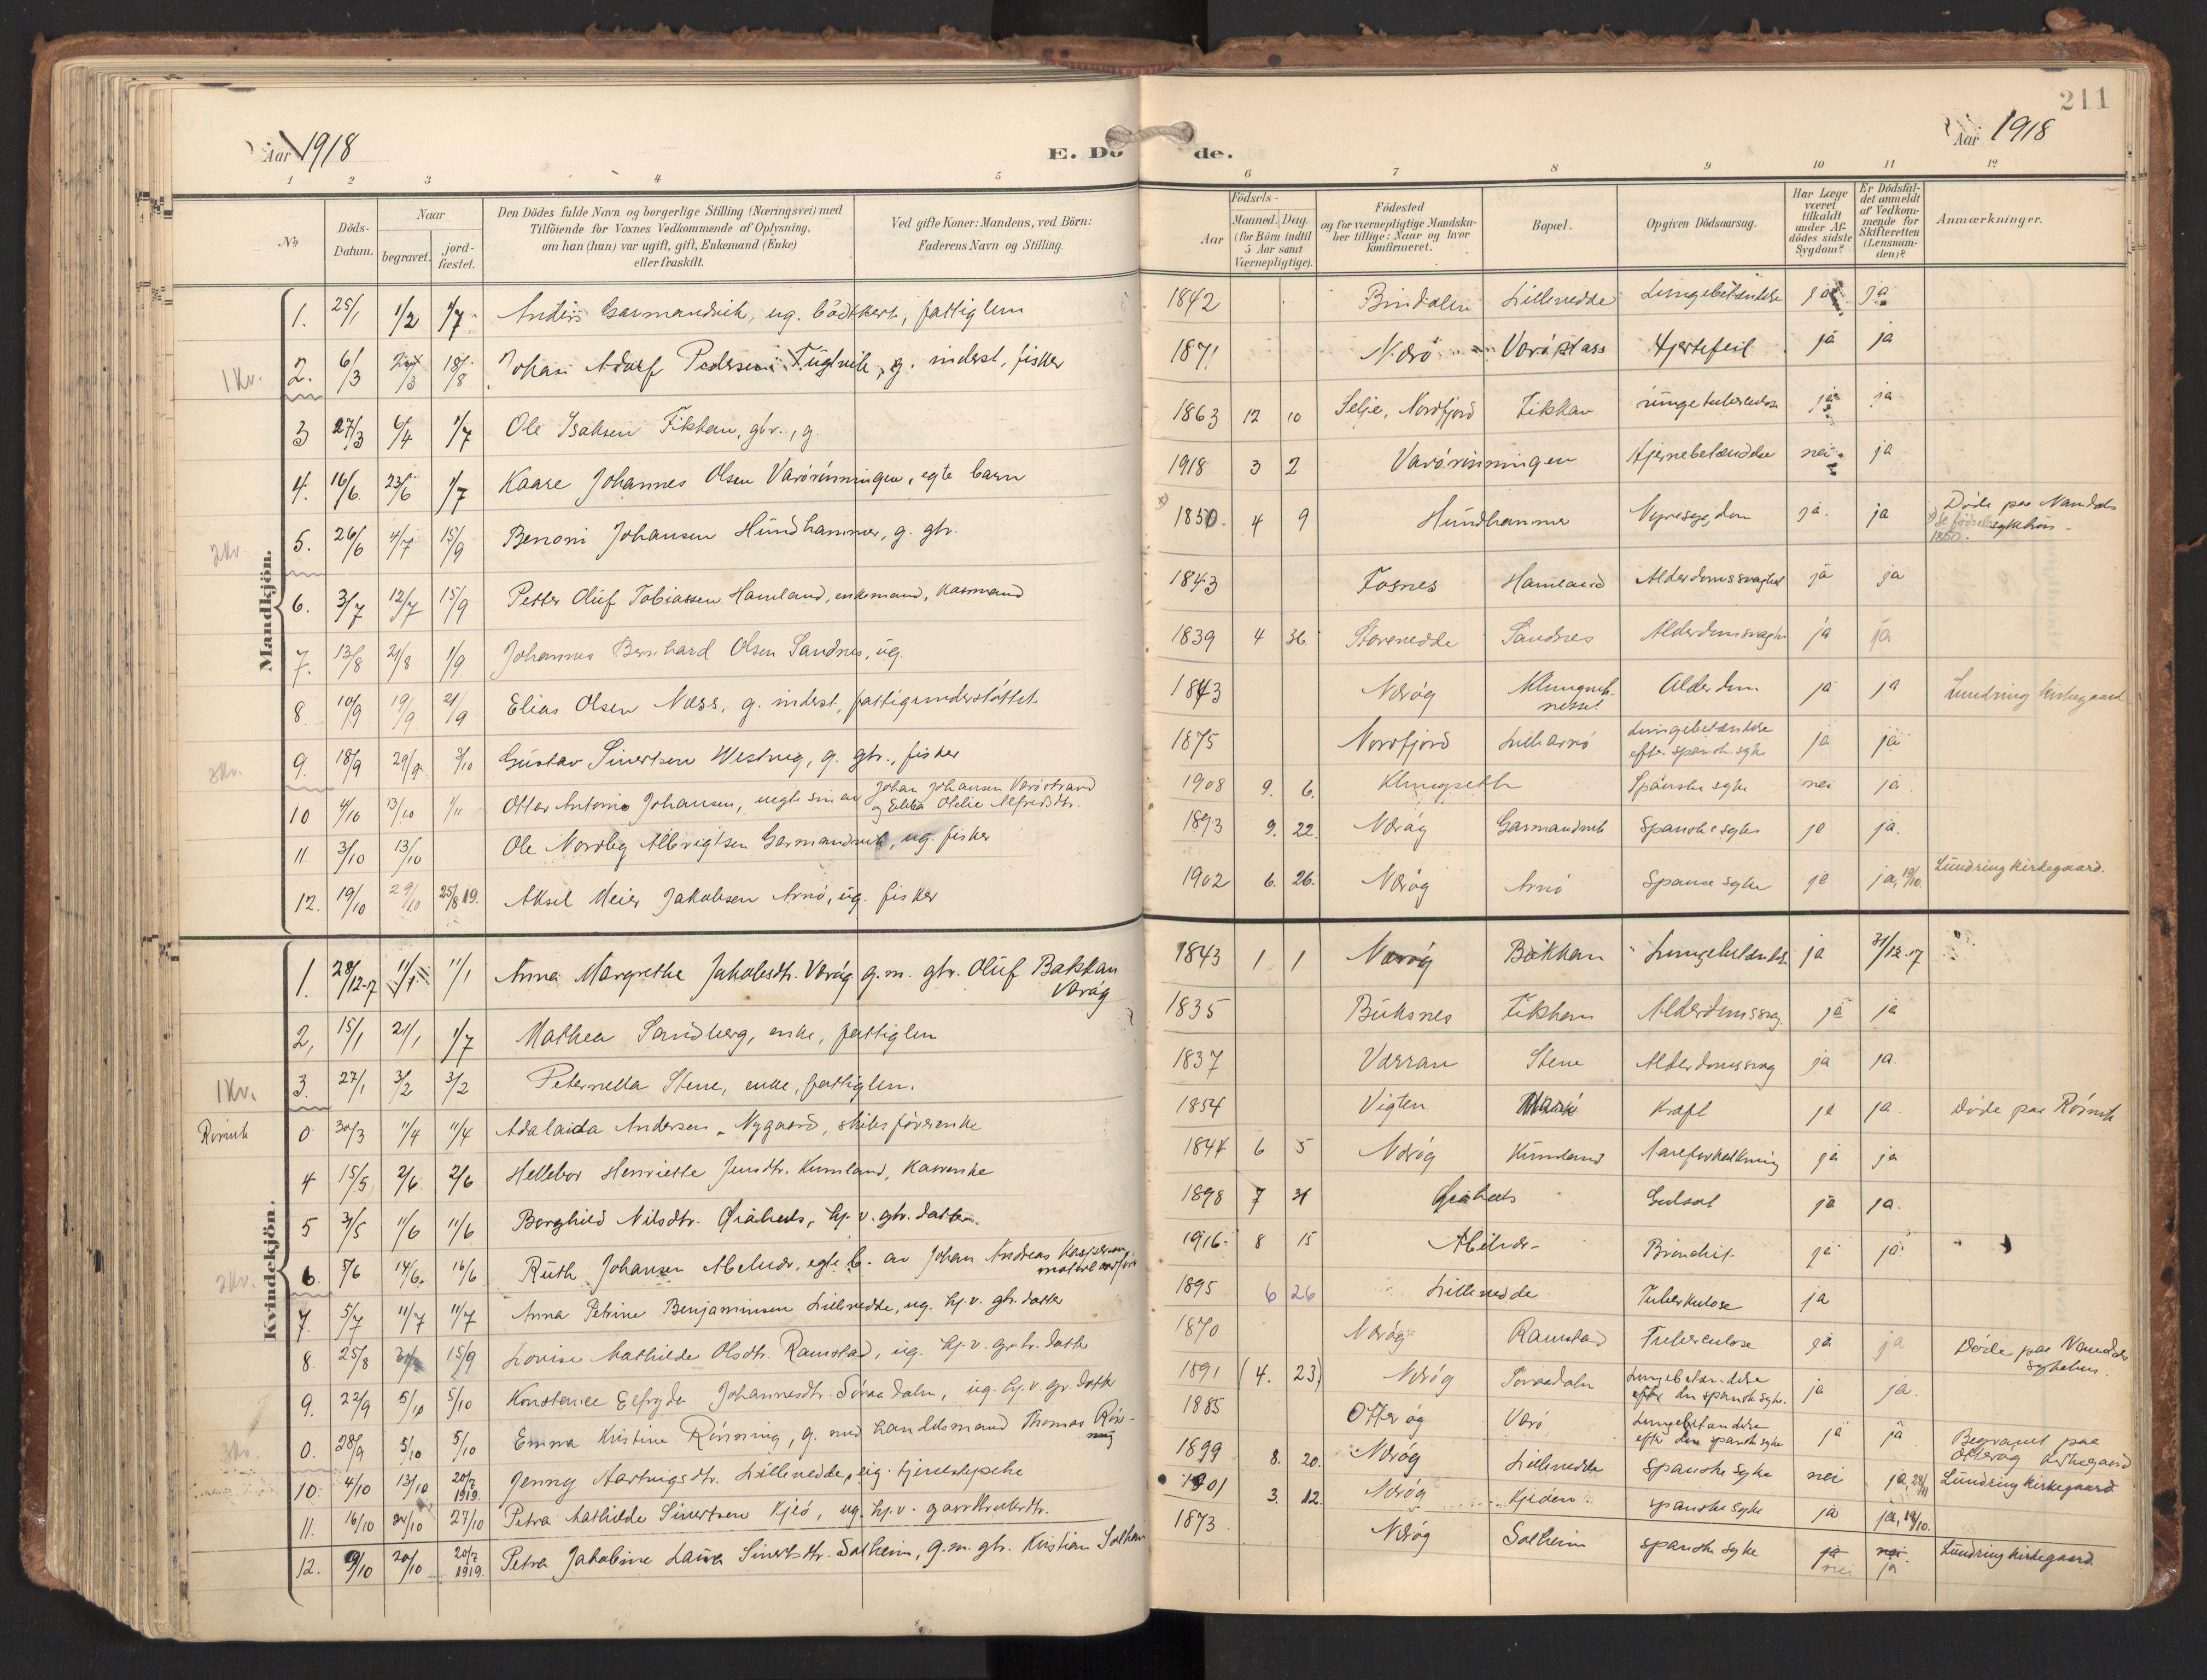 SAT, Ministerialprotokoller, klokkerbøker og fødselsregistre - Nord-Trøndelag, 784/L0677: Ministerialbok nr. 784A12, 1900-1920, s. 211